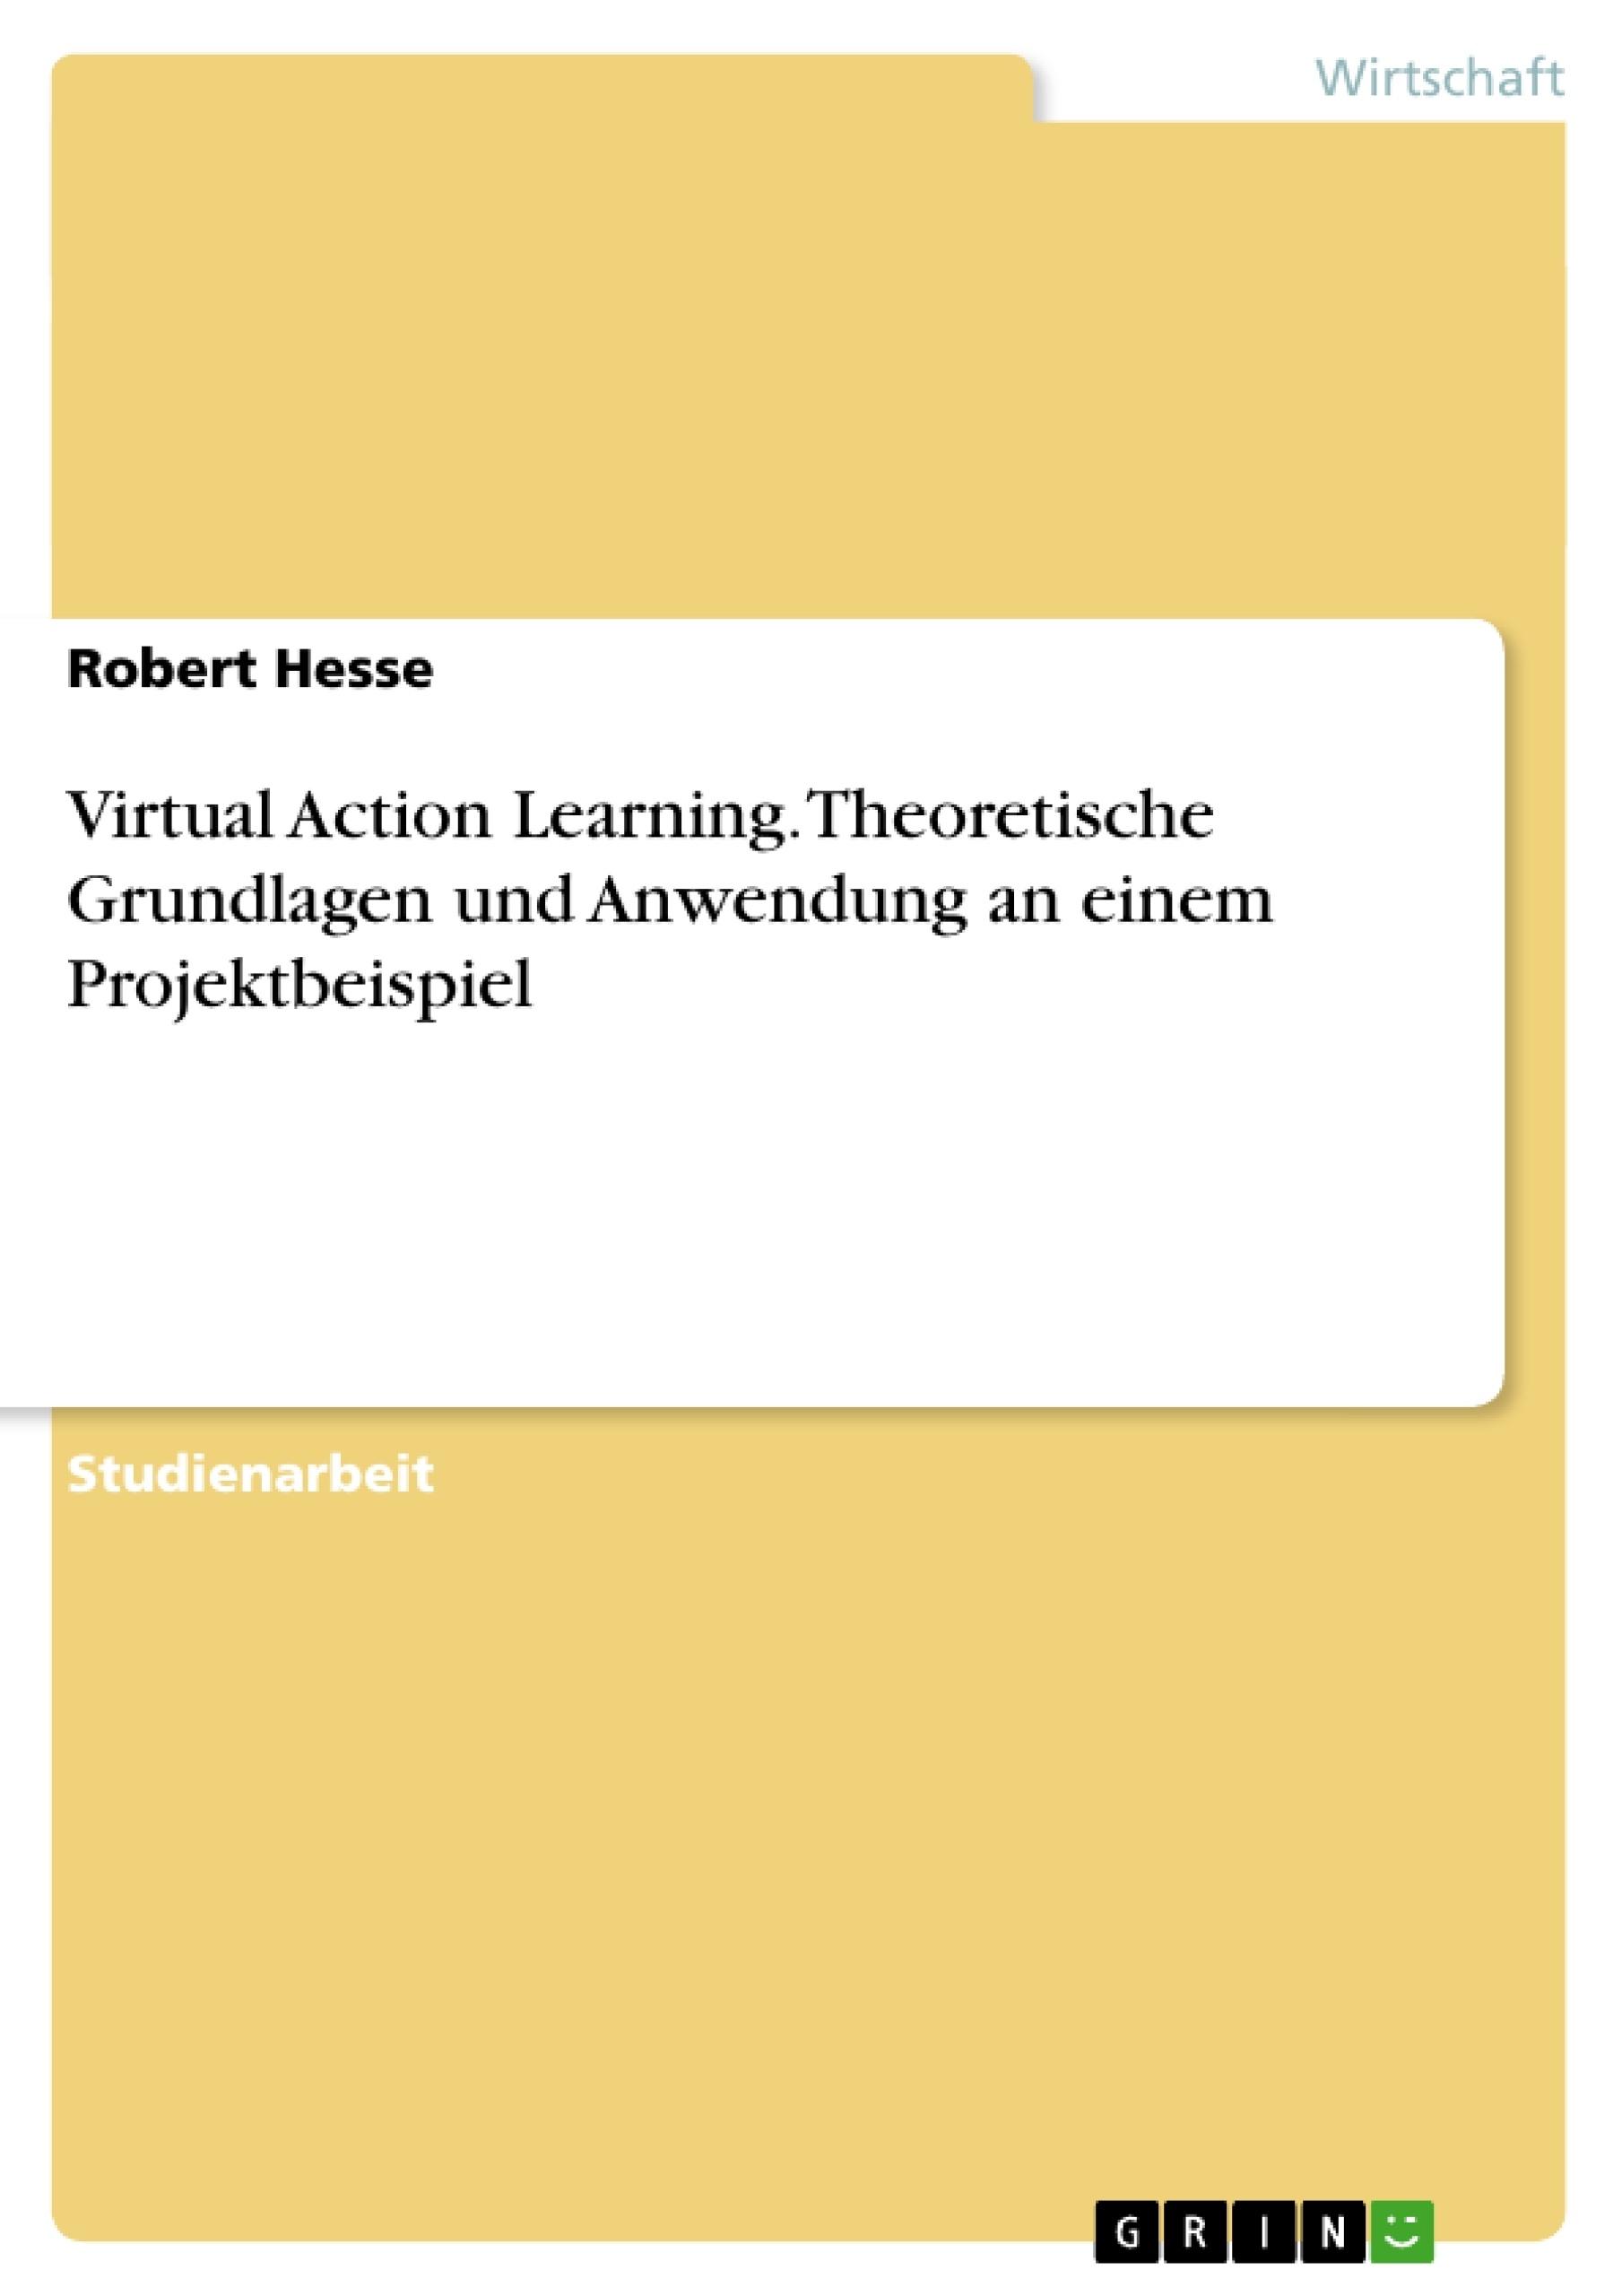 Titel: Virtual Action Learning. Theoretische Grundlagen und Anwendung an einem Projektbeispiel